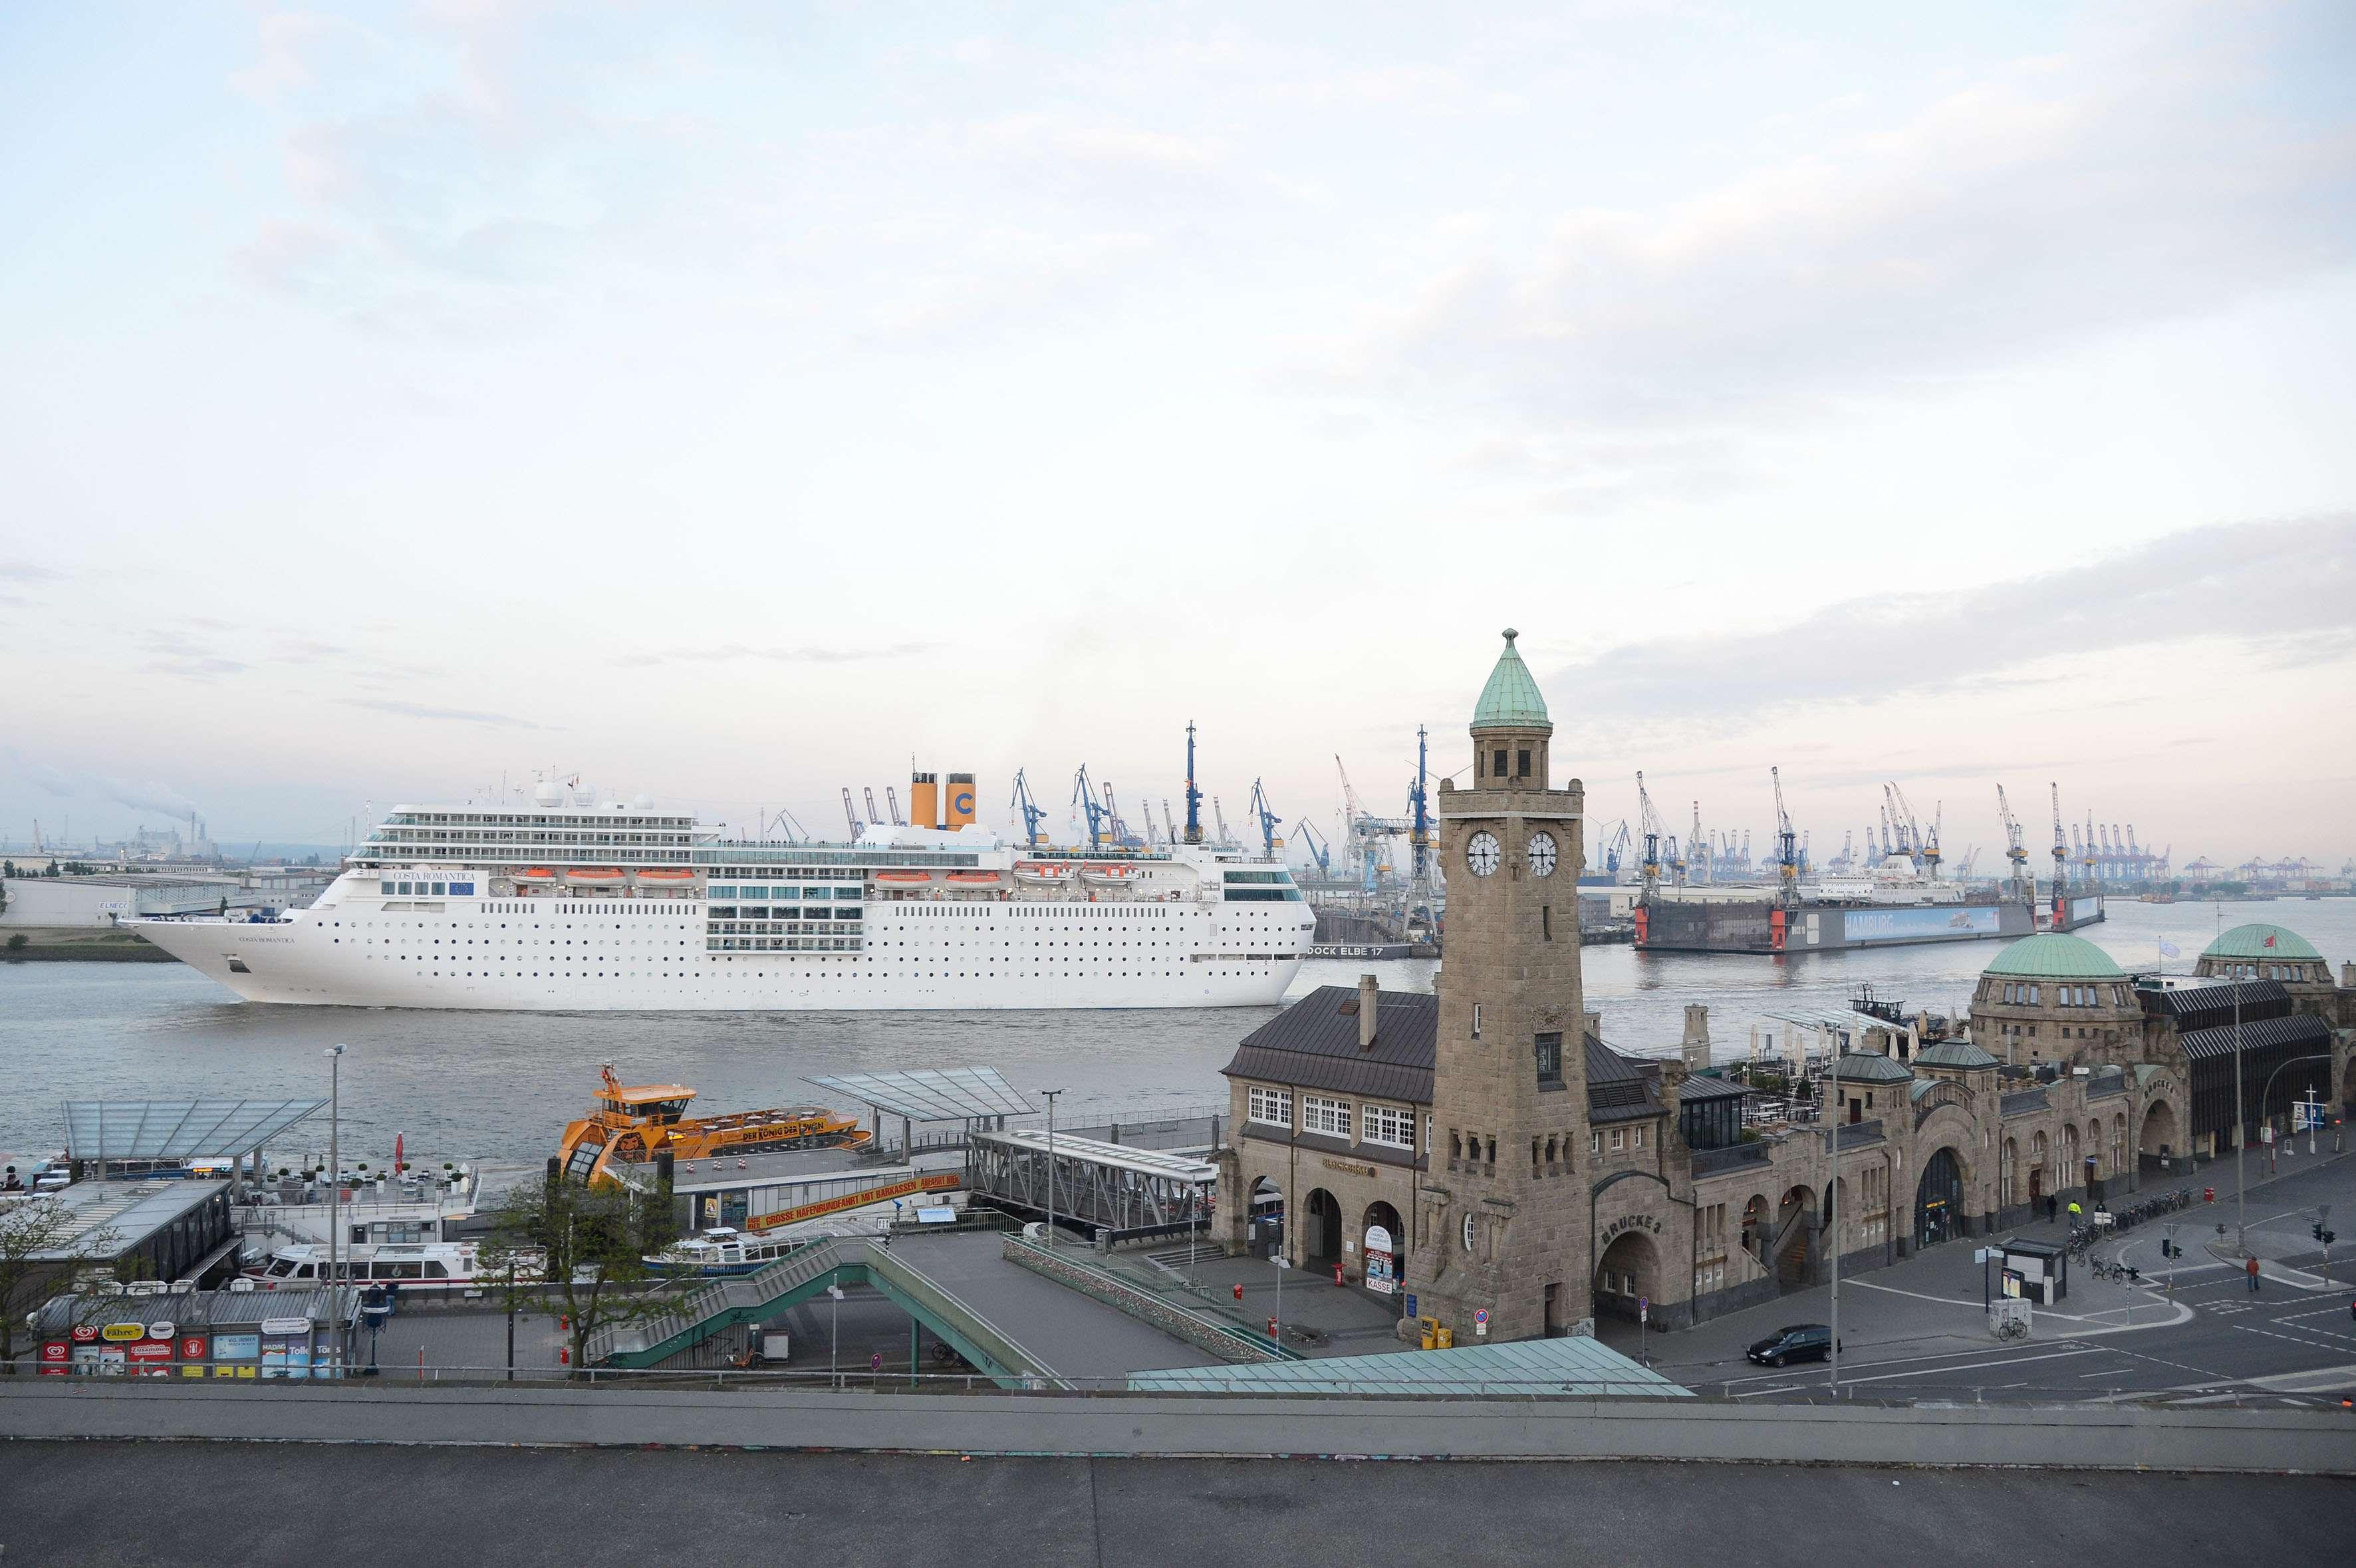 Hamburg, der 20. Mai 2015 morgens um 5.45 Uhr fährt die Costa neoRomantica in den Hamburger Hafen ein. Vorbei an den Hamburger Landungsbrücken. © Costa Kreuzfahrten